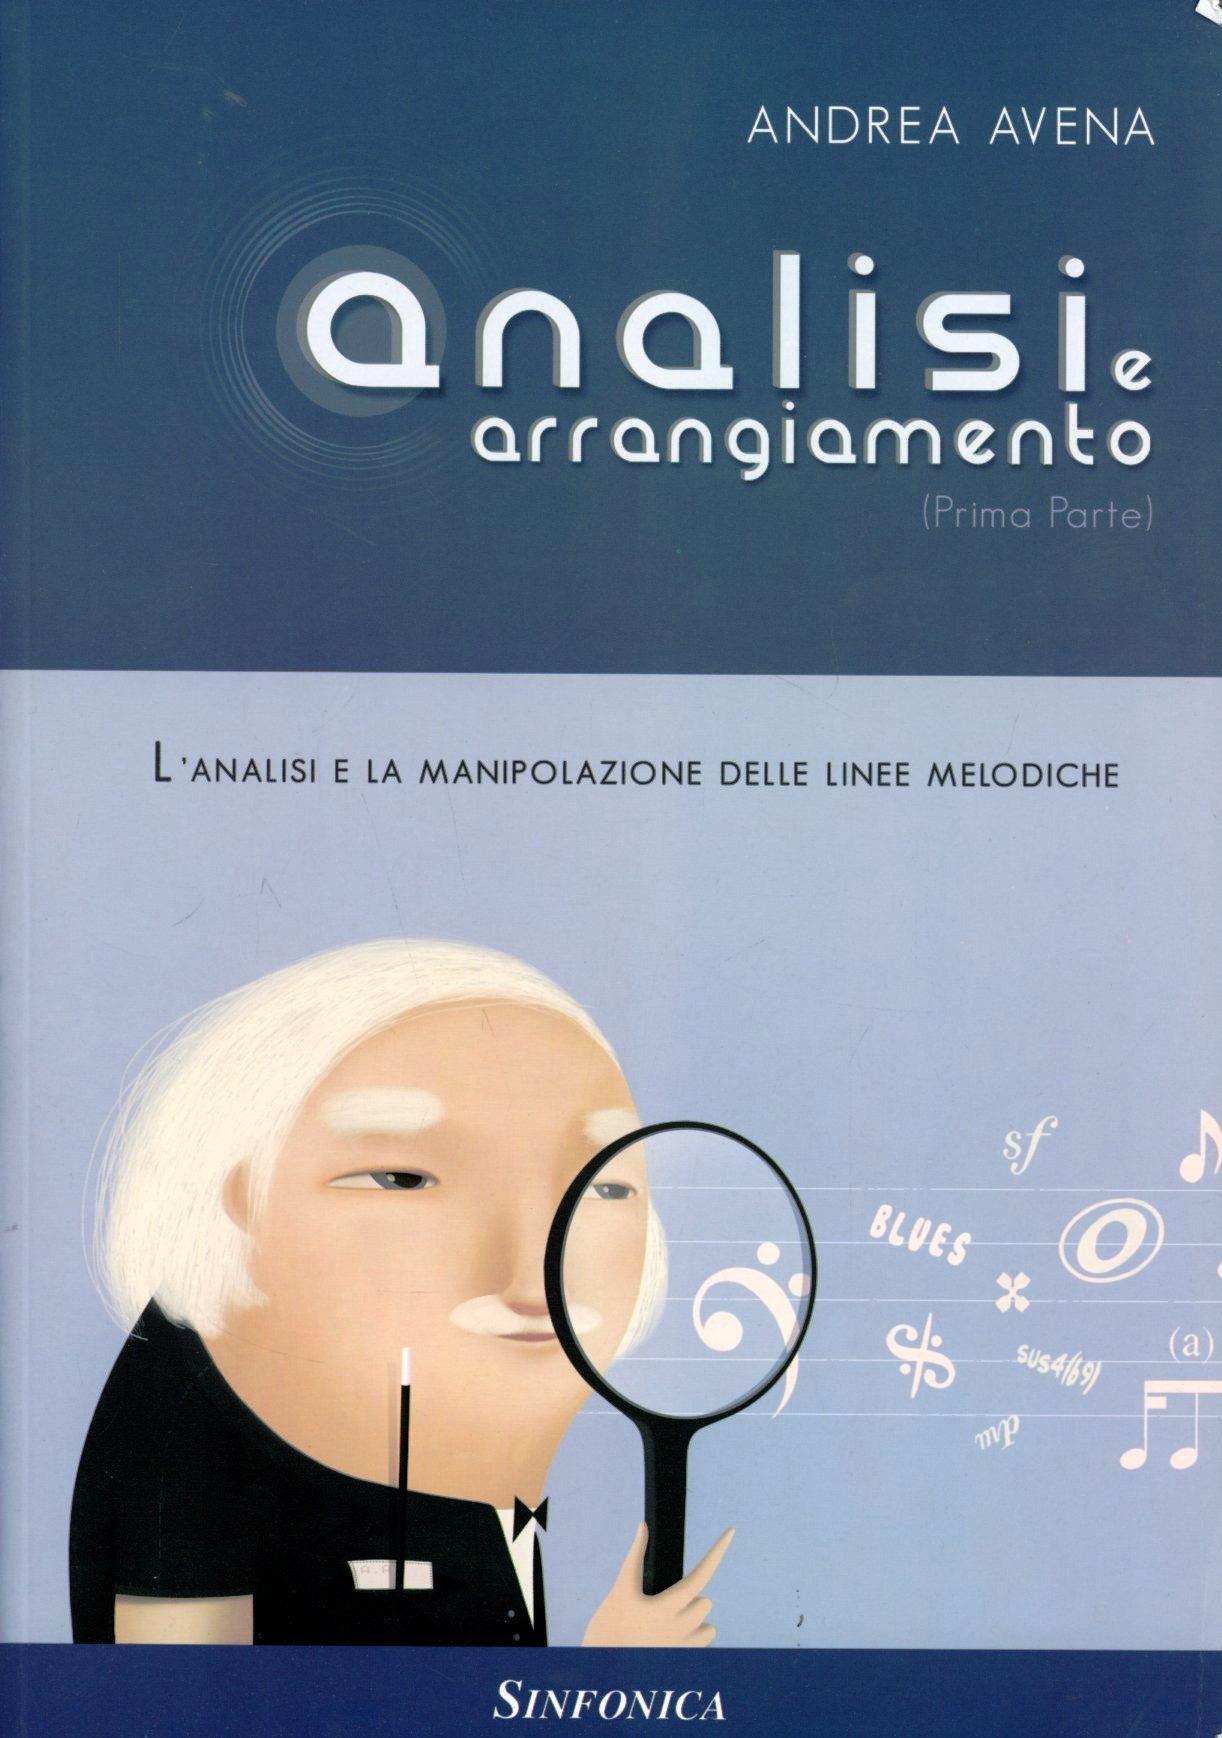 Image of Analisi e arrangiamento. Prima parte. L'analisi e la manipolazione..